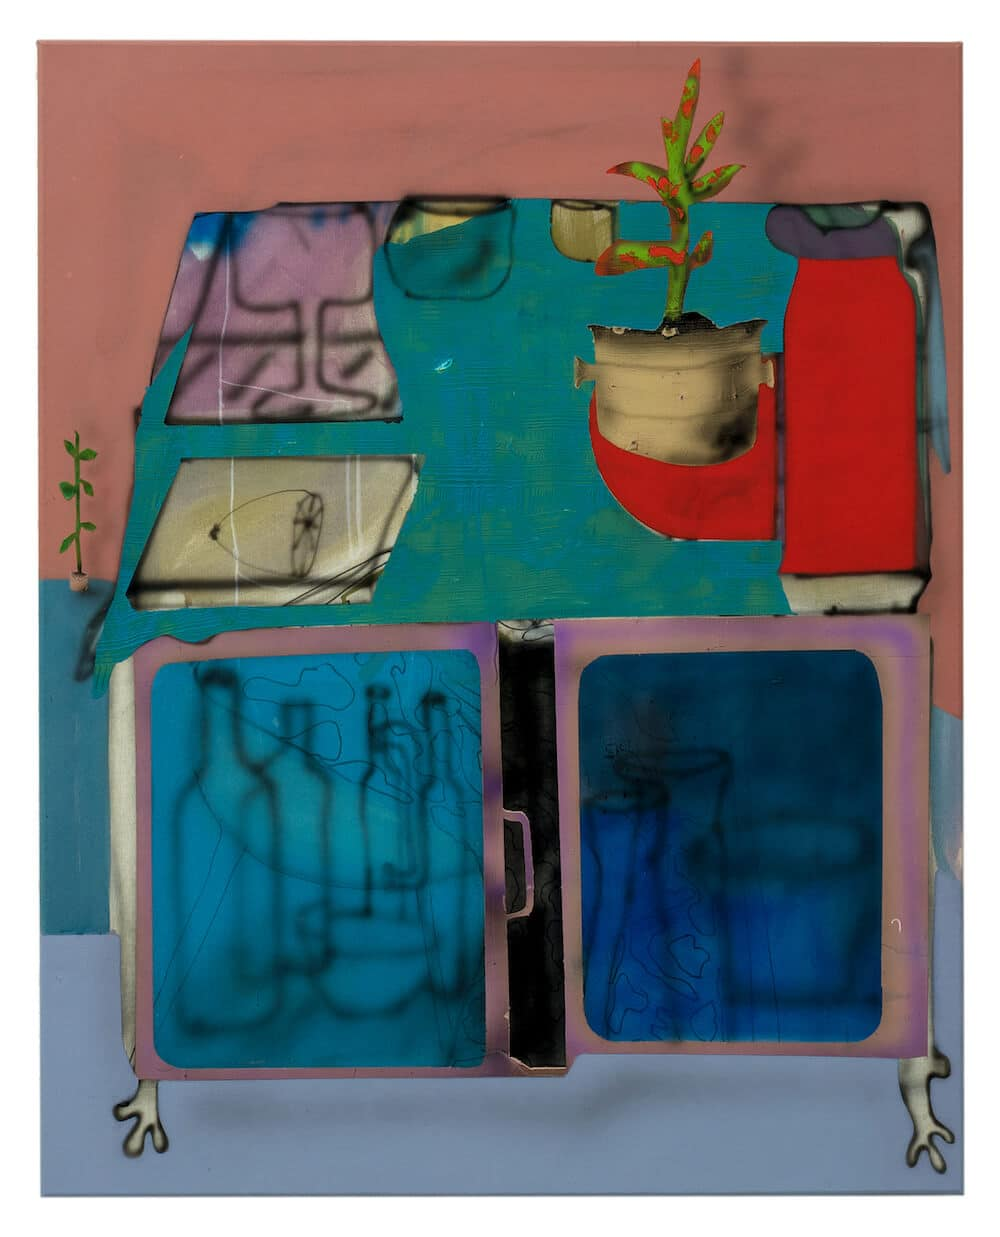 Fabian Treiber: Minibar, 2018, 100 x 80 cm, (c) Künstler, Privatbesitz